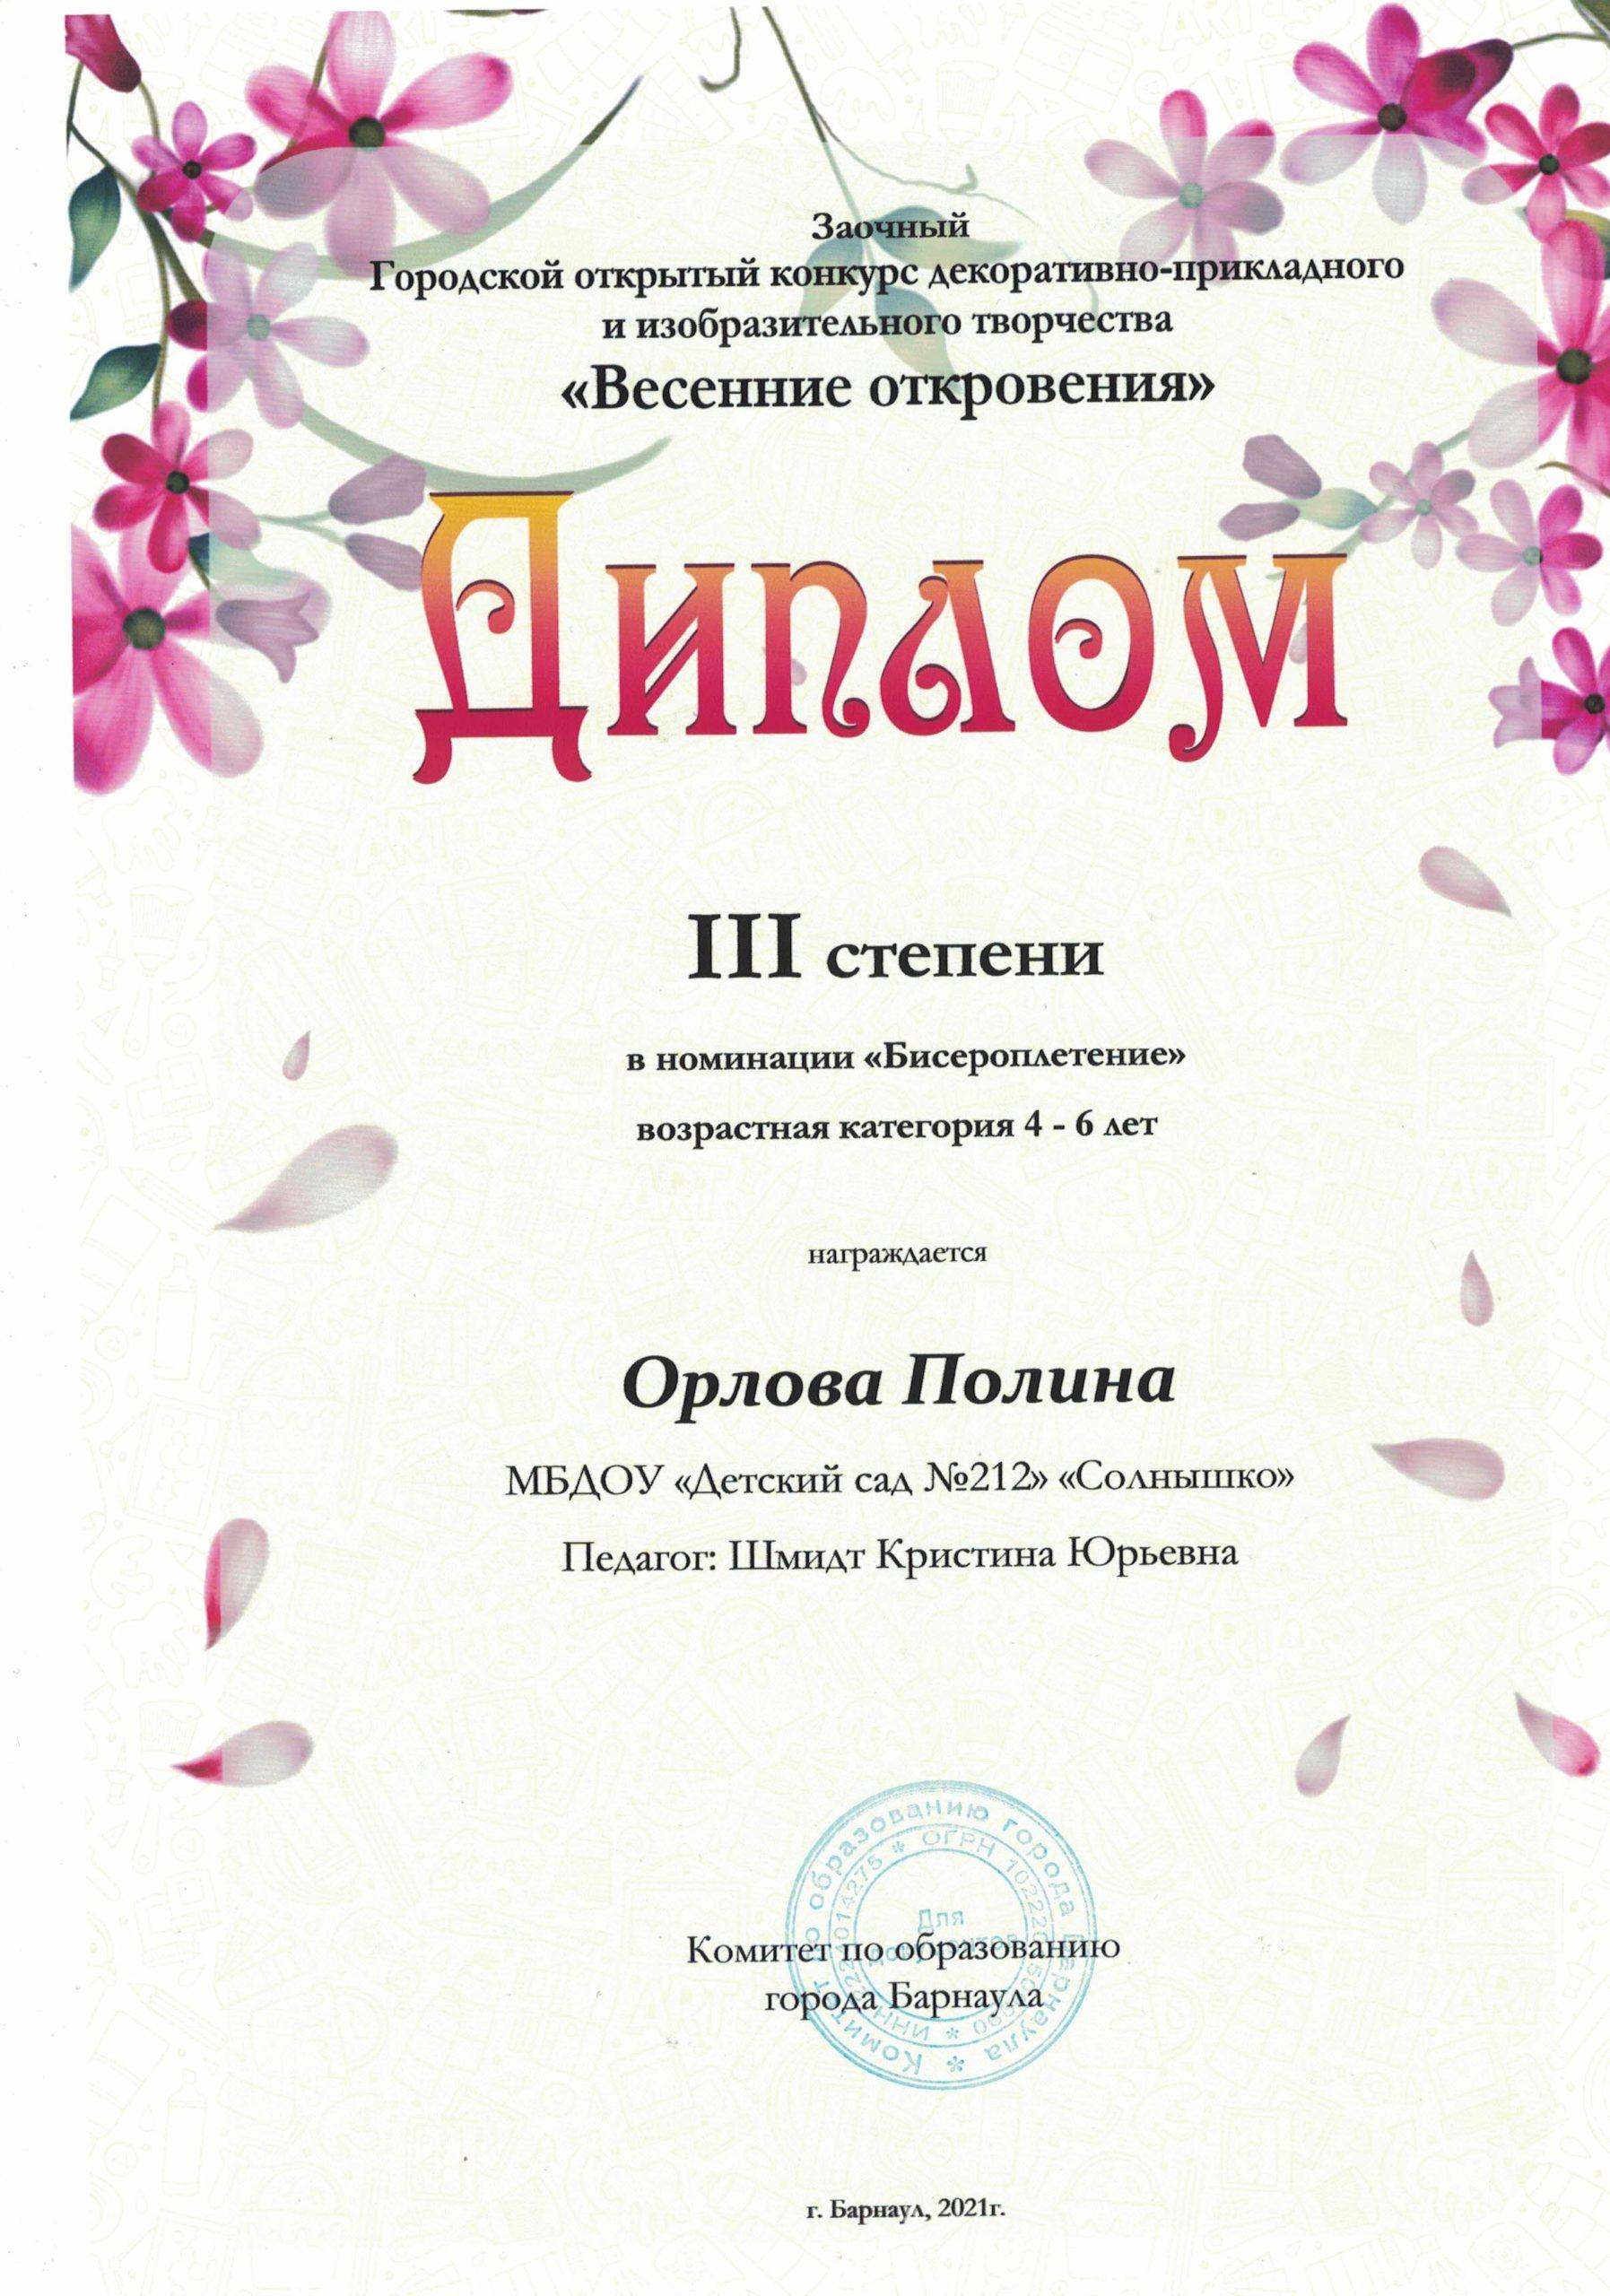 диплом Весеннее откровение 106042021